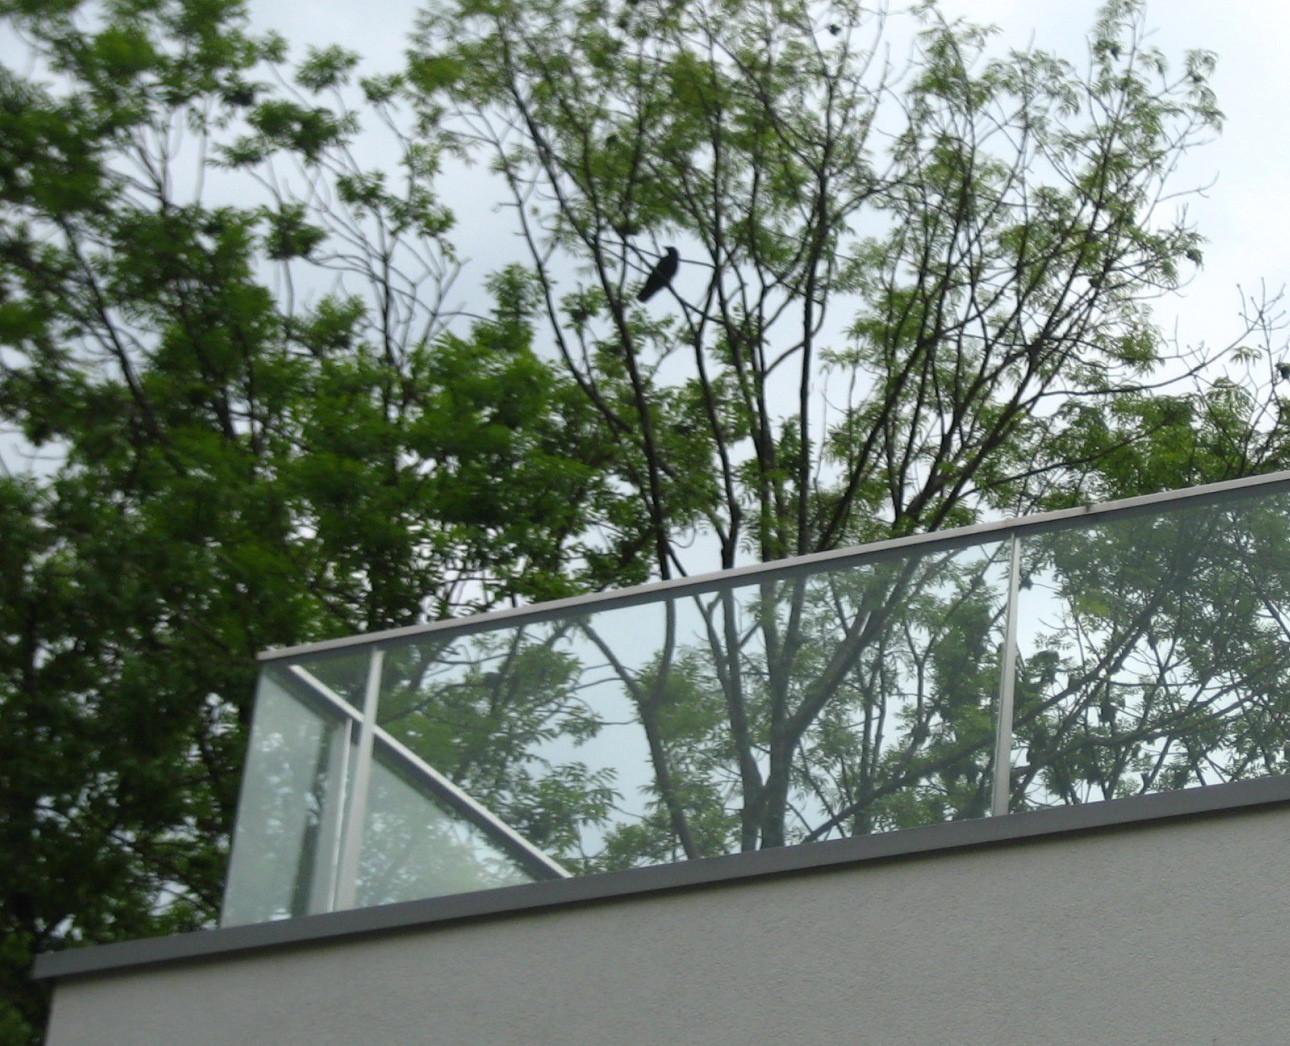 Balkonbrüstungen - für Vögel nicht sichtbar!